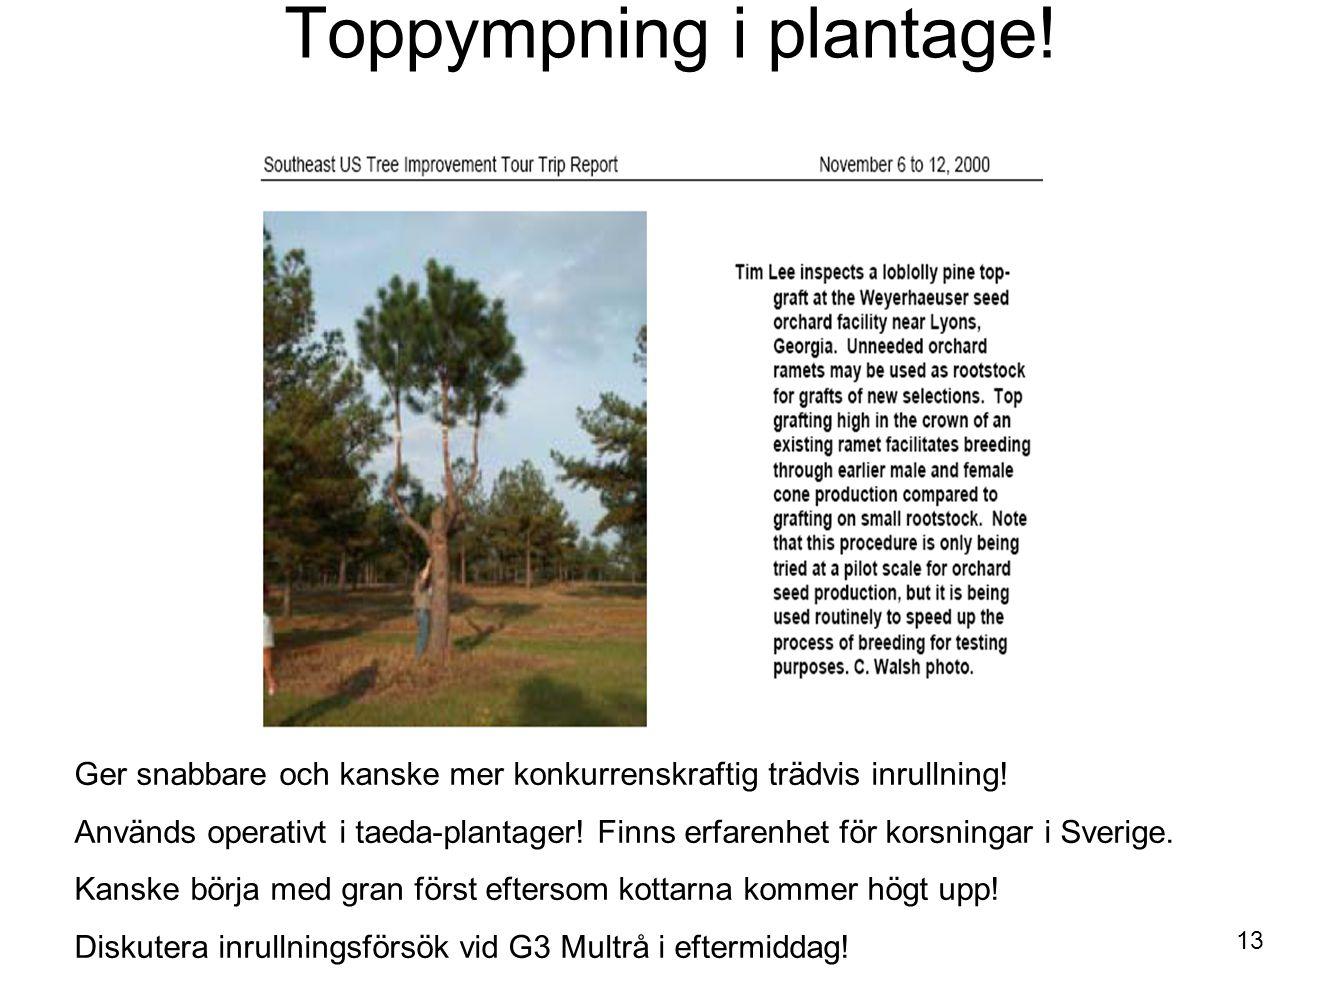 13 Toppympning i plantage! Ger snabbare och kanske mer konkurrenskraftig trädvis inrullning! Används operativt i taeda-plantager! Finns erfarenhet för